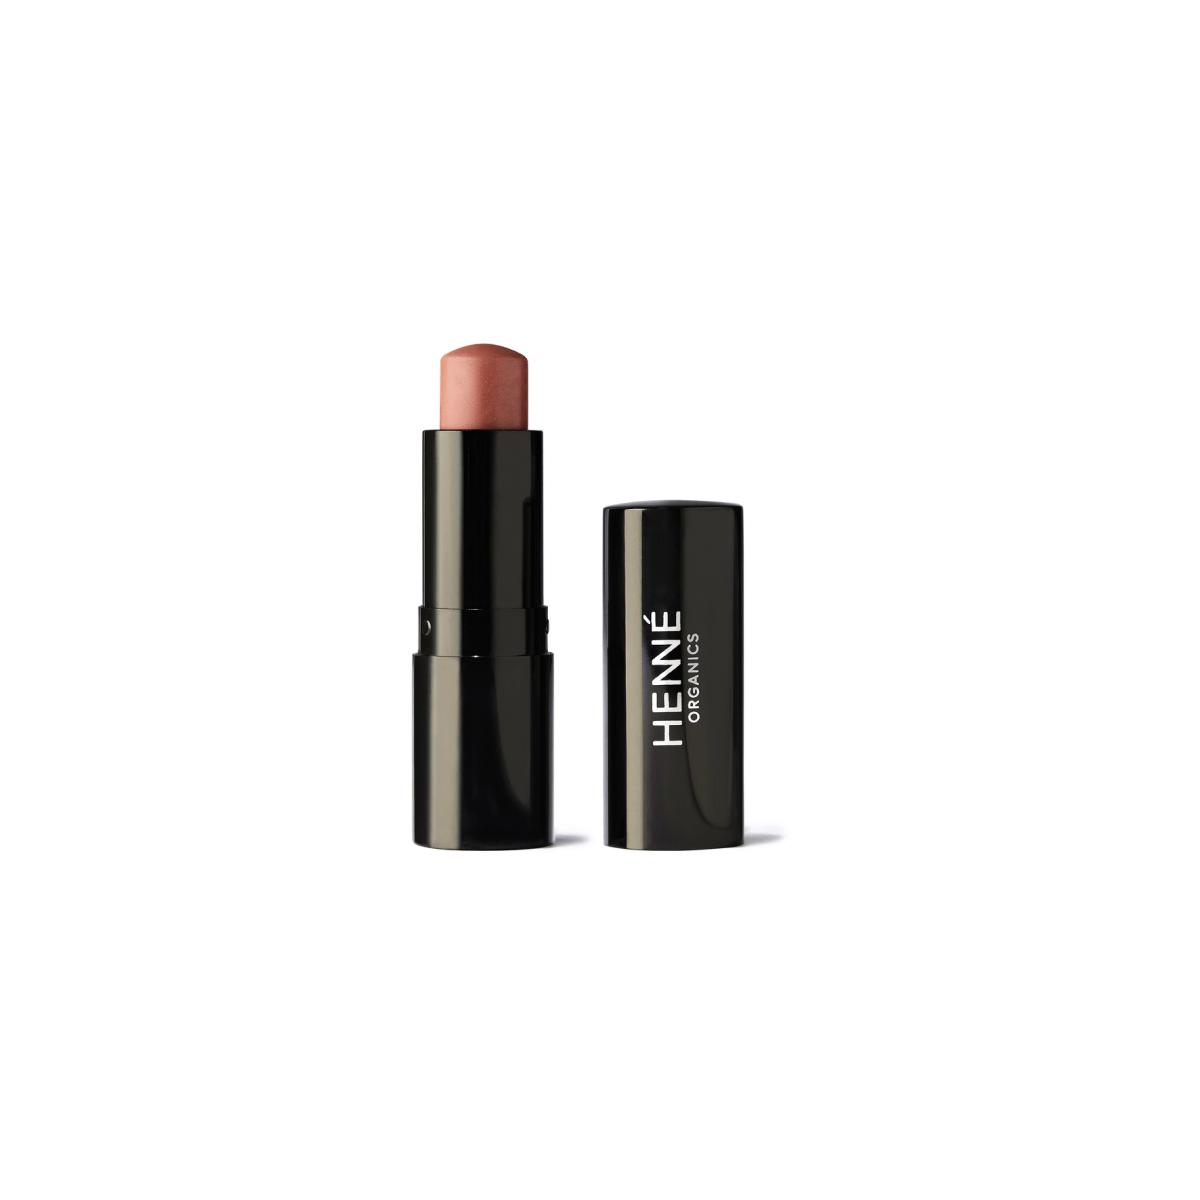 Henné Organics lip tints